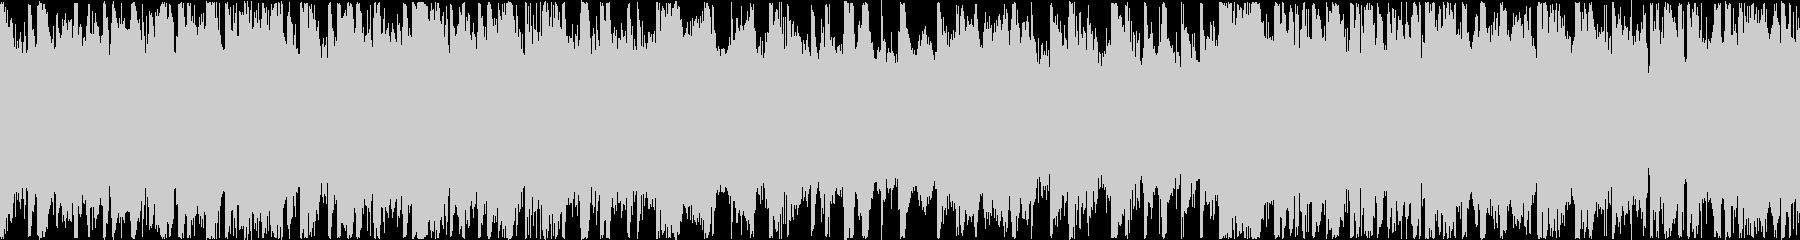 しっとりしたエレキギターメインのバラードの未再生の波形